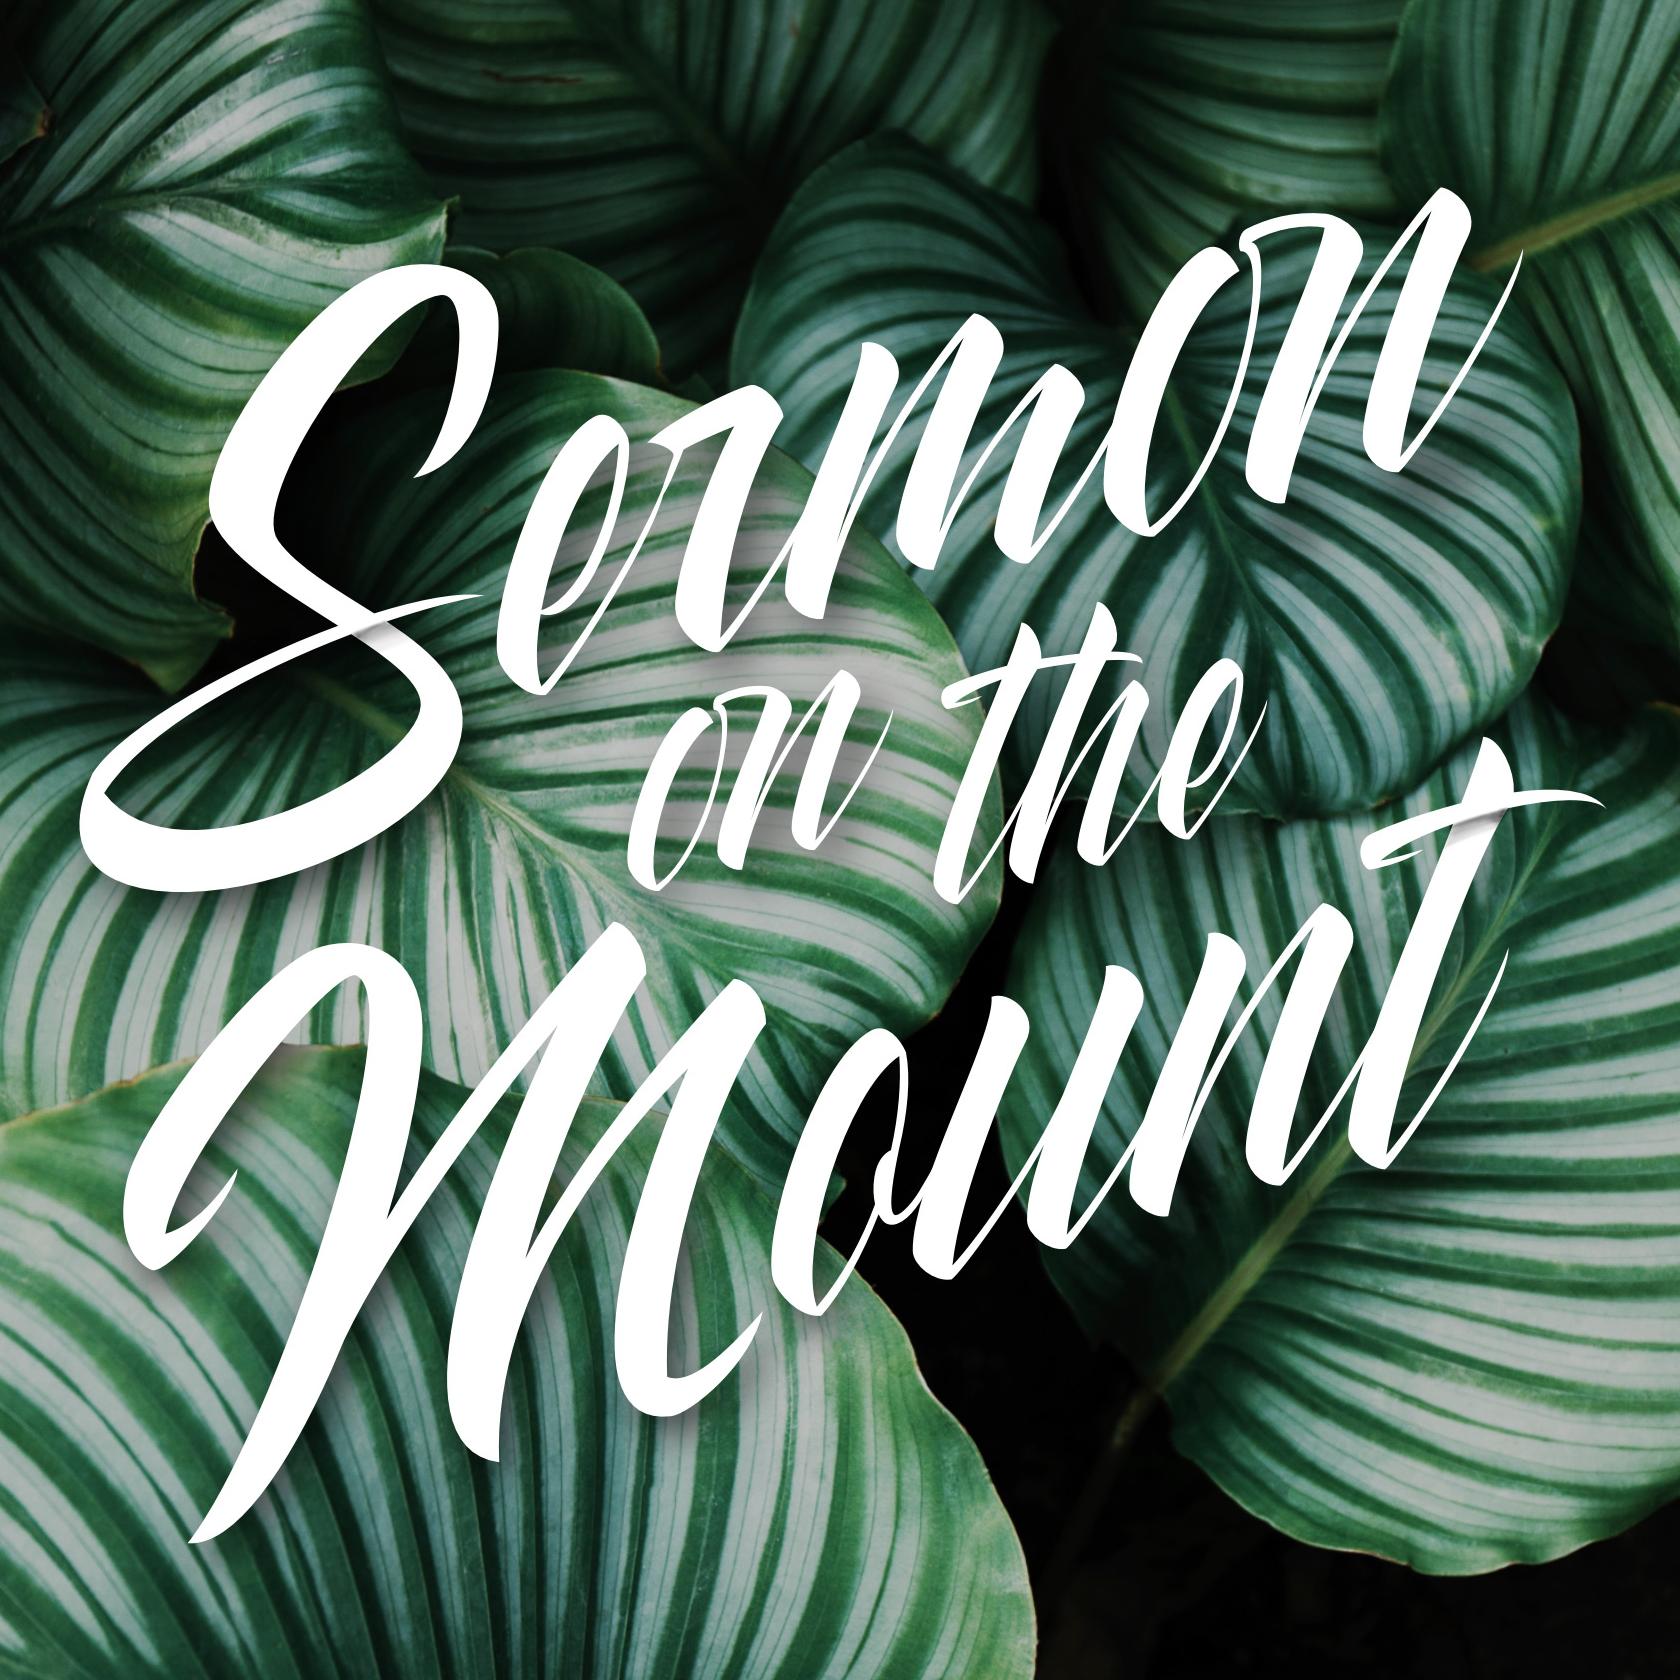 Sermon on the Mount Audio